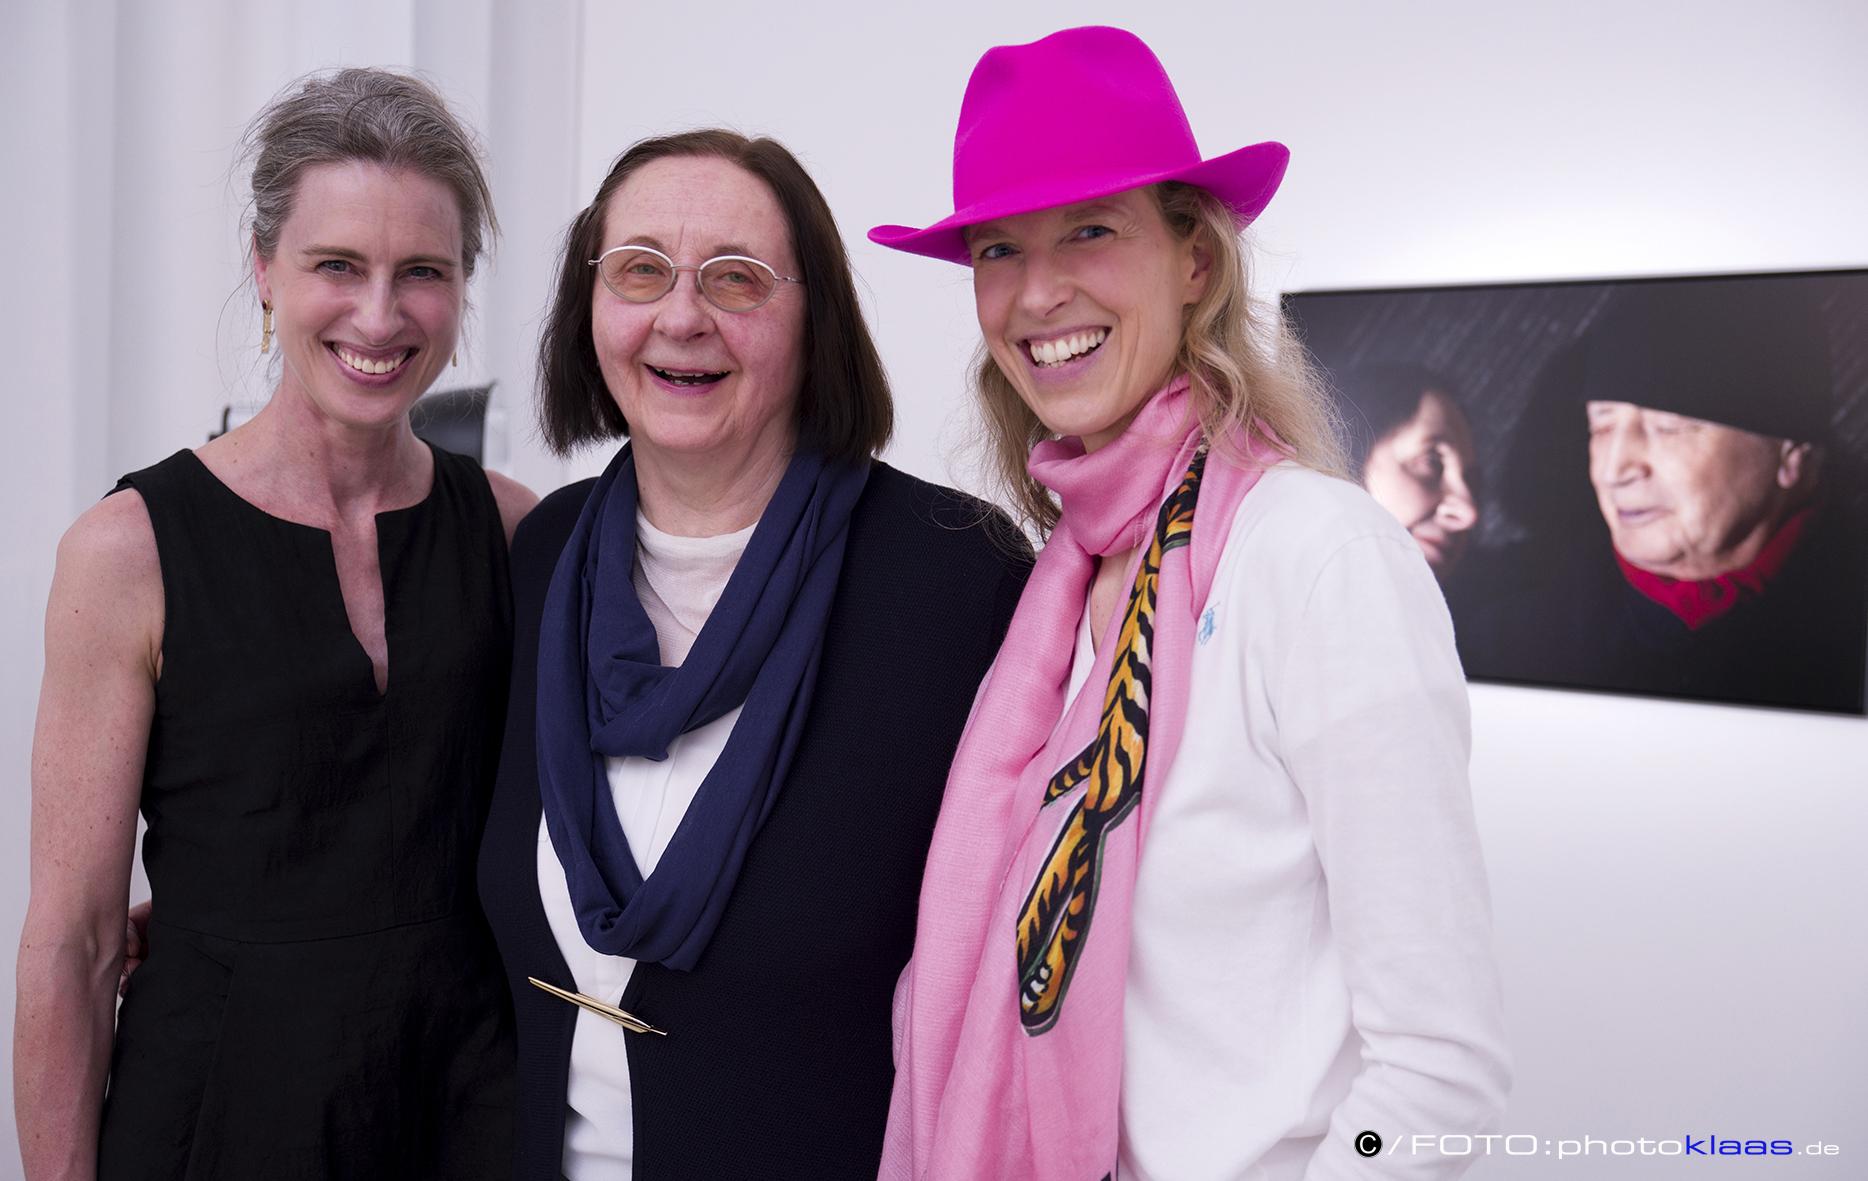 Foto 3: v.l.n.r. Frau Dr. Vera Geisel und die beiden Künstlerinnen Prof. Rissa und ATM. Fotos mit freundlicher Erlaubnis von  www.photostudioklaas.de